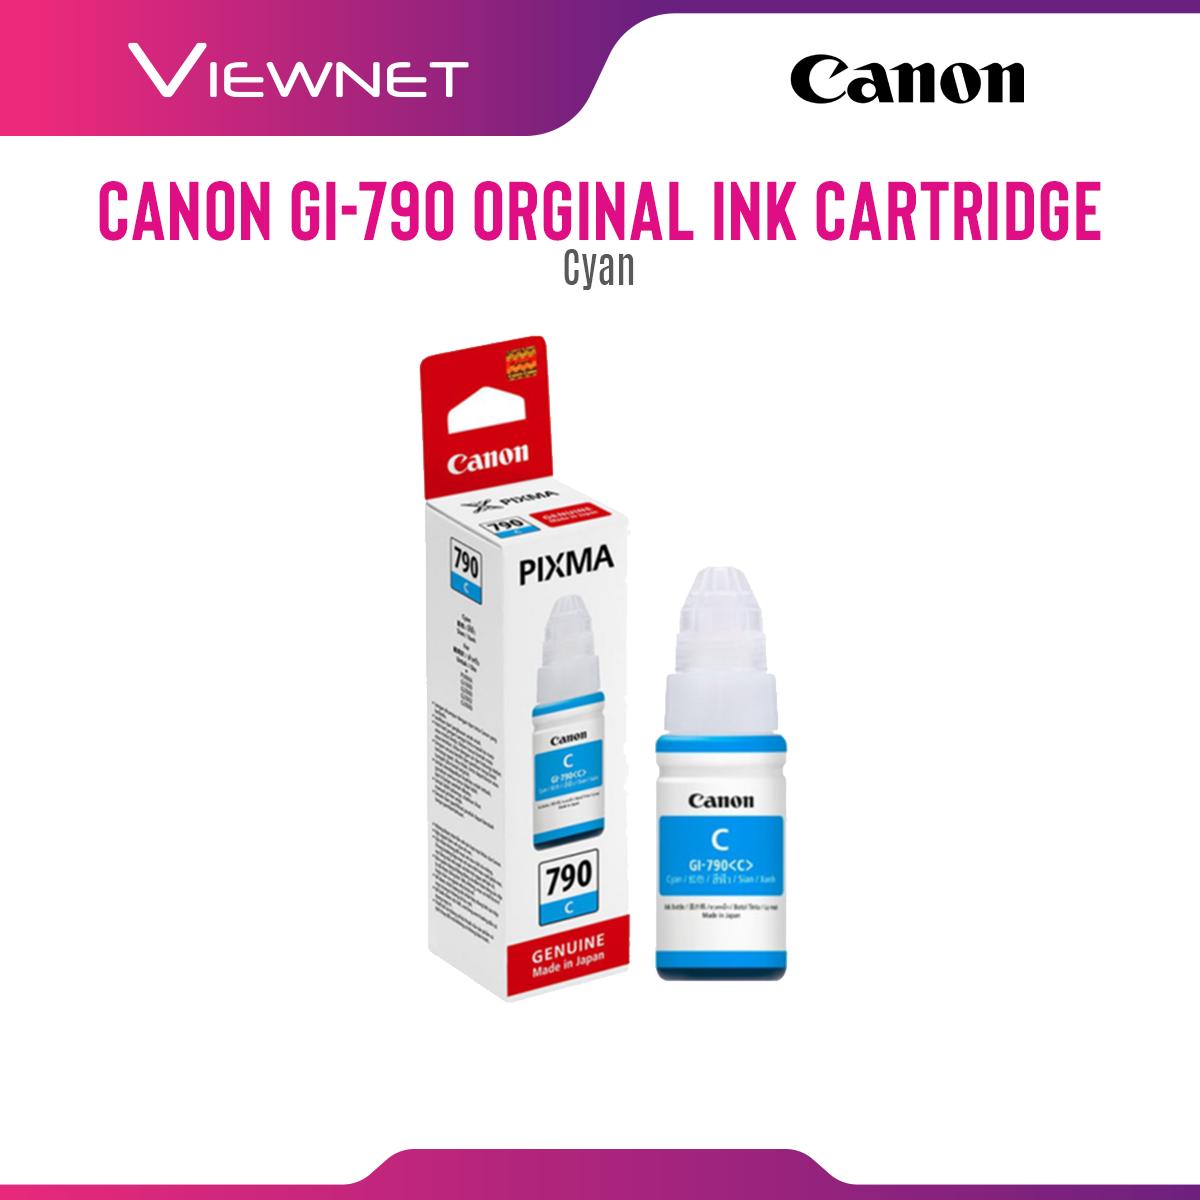 Canon Cartridge GI-790 Ink (CYAN)